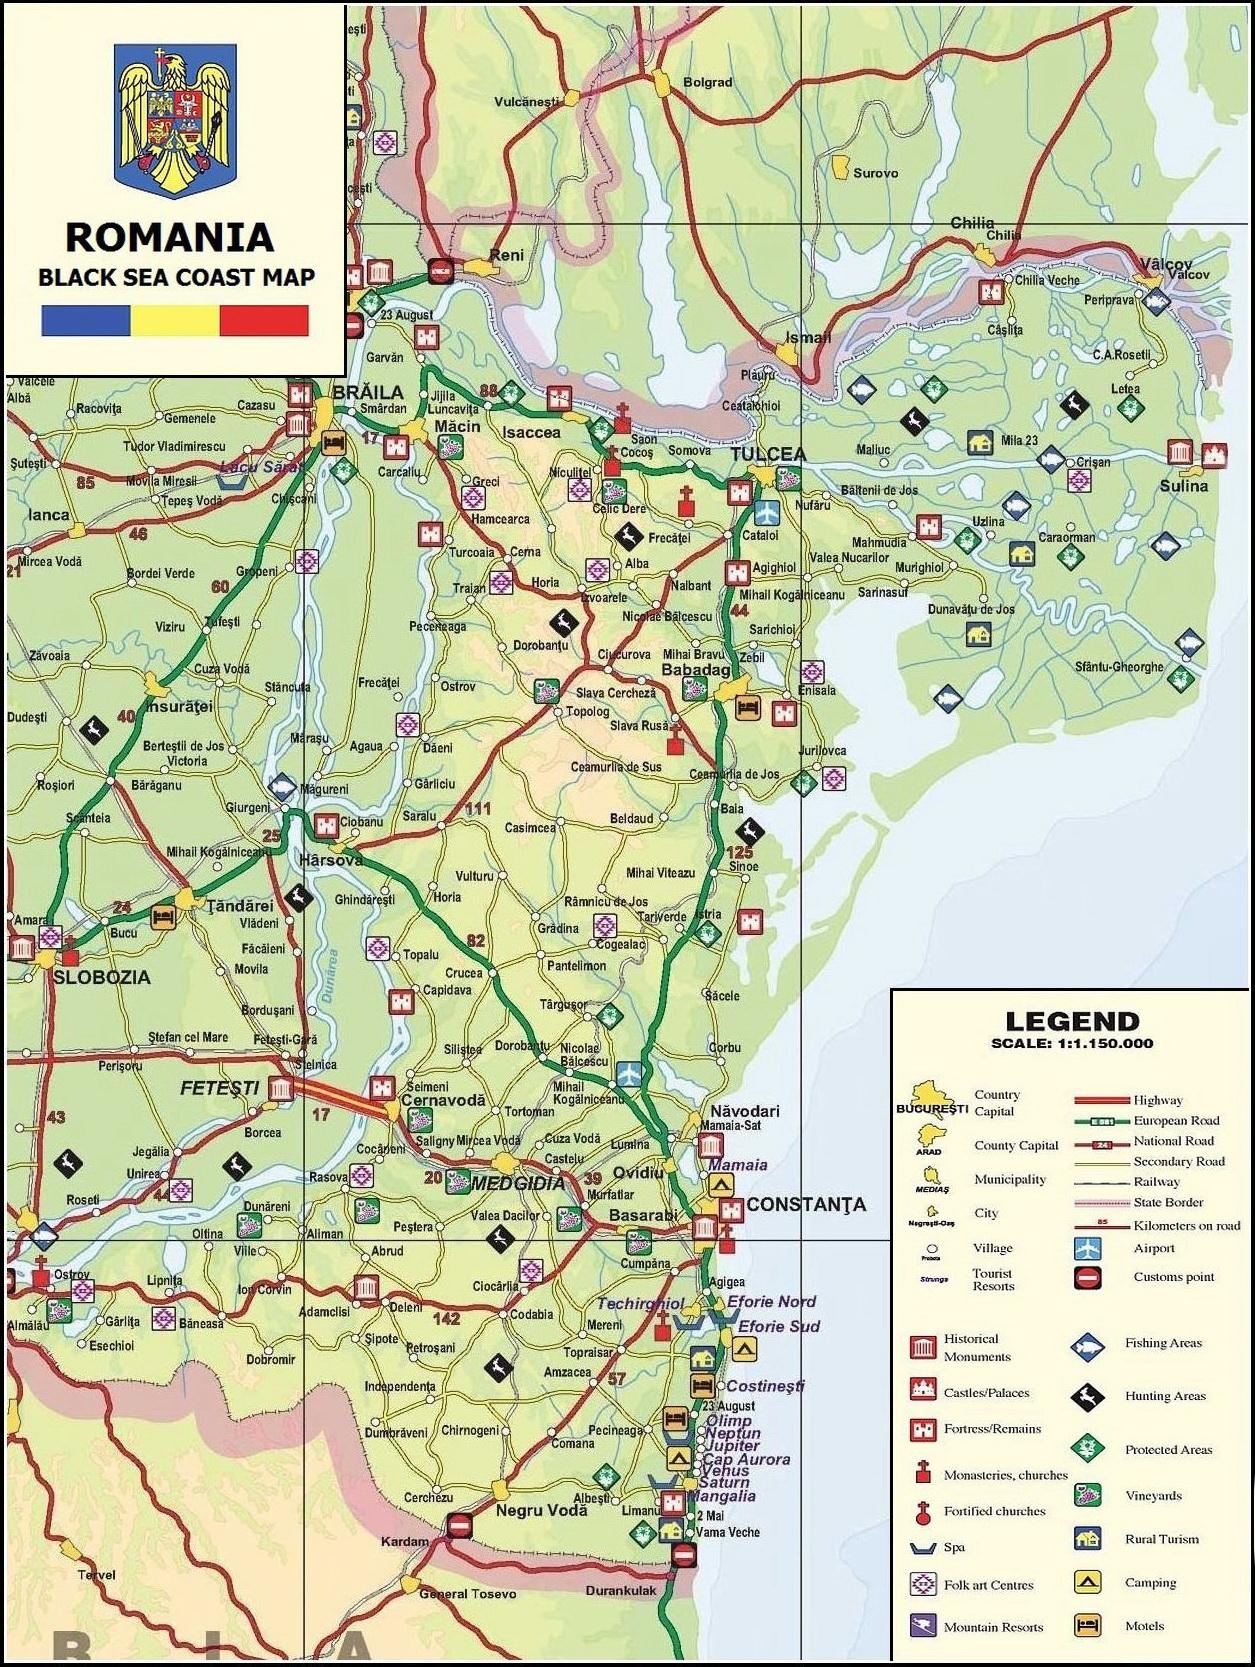 Térkép Román Tengerpart - Fekete-tenger romániai partszakasza